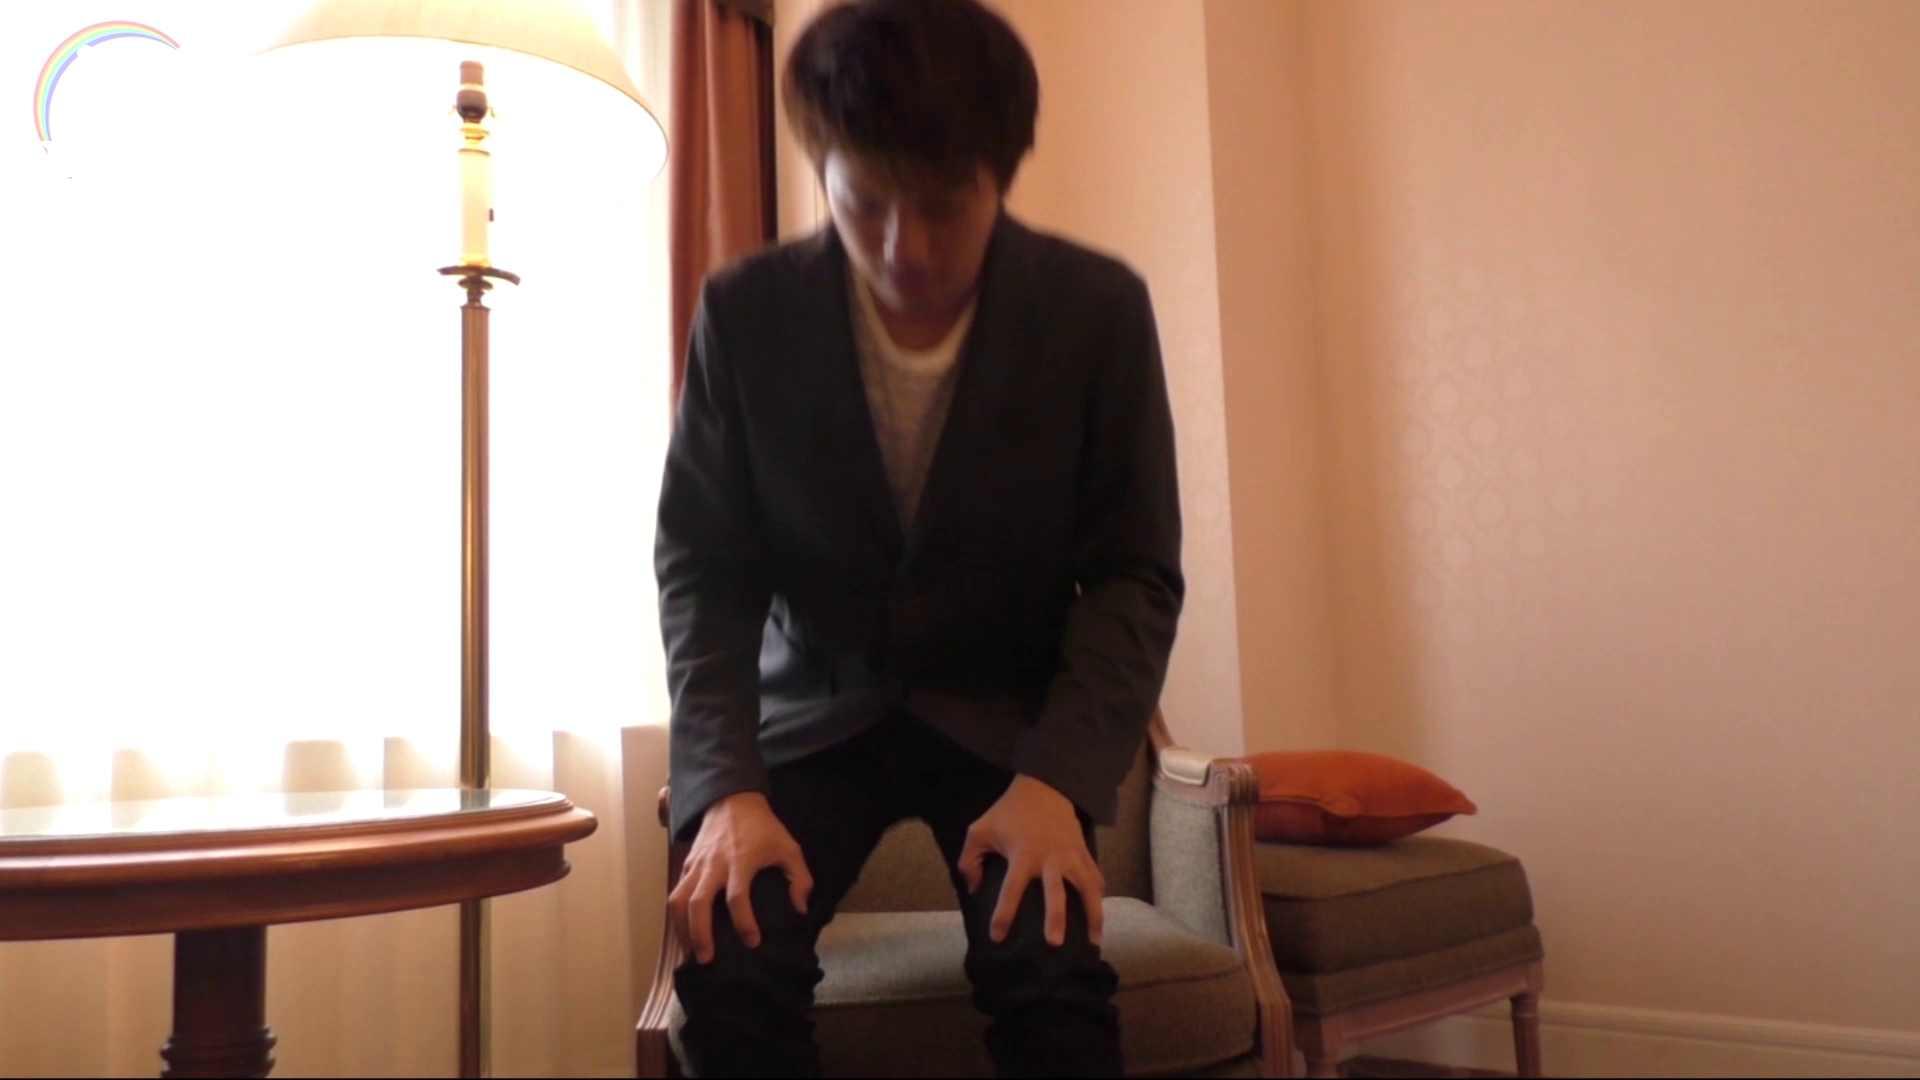 おいはカリデカ!File.02 手コキ | 入浴・シャワー丸見え AV動画 65pic 15